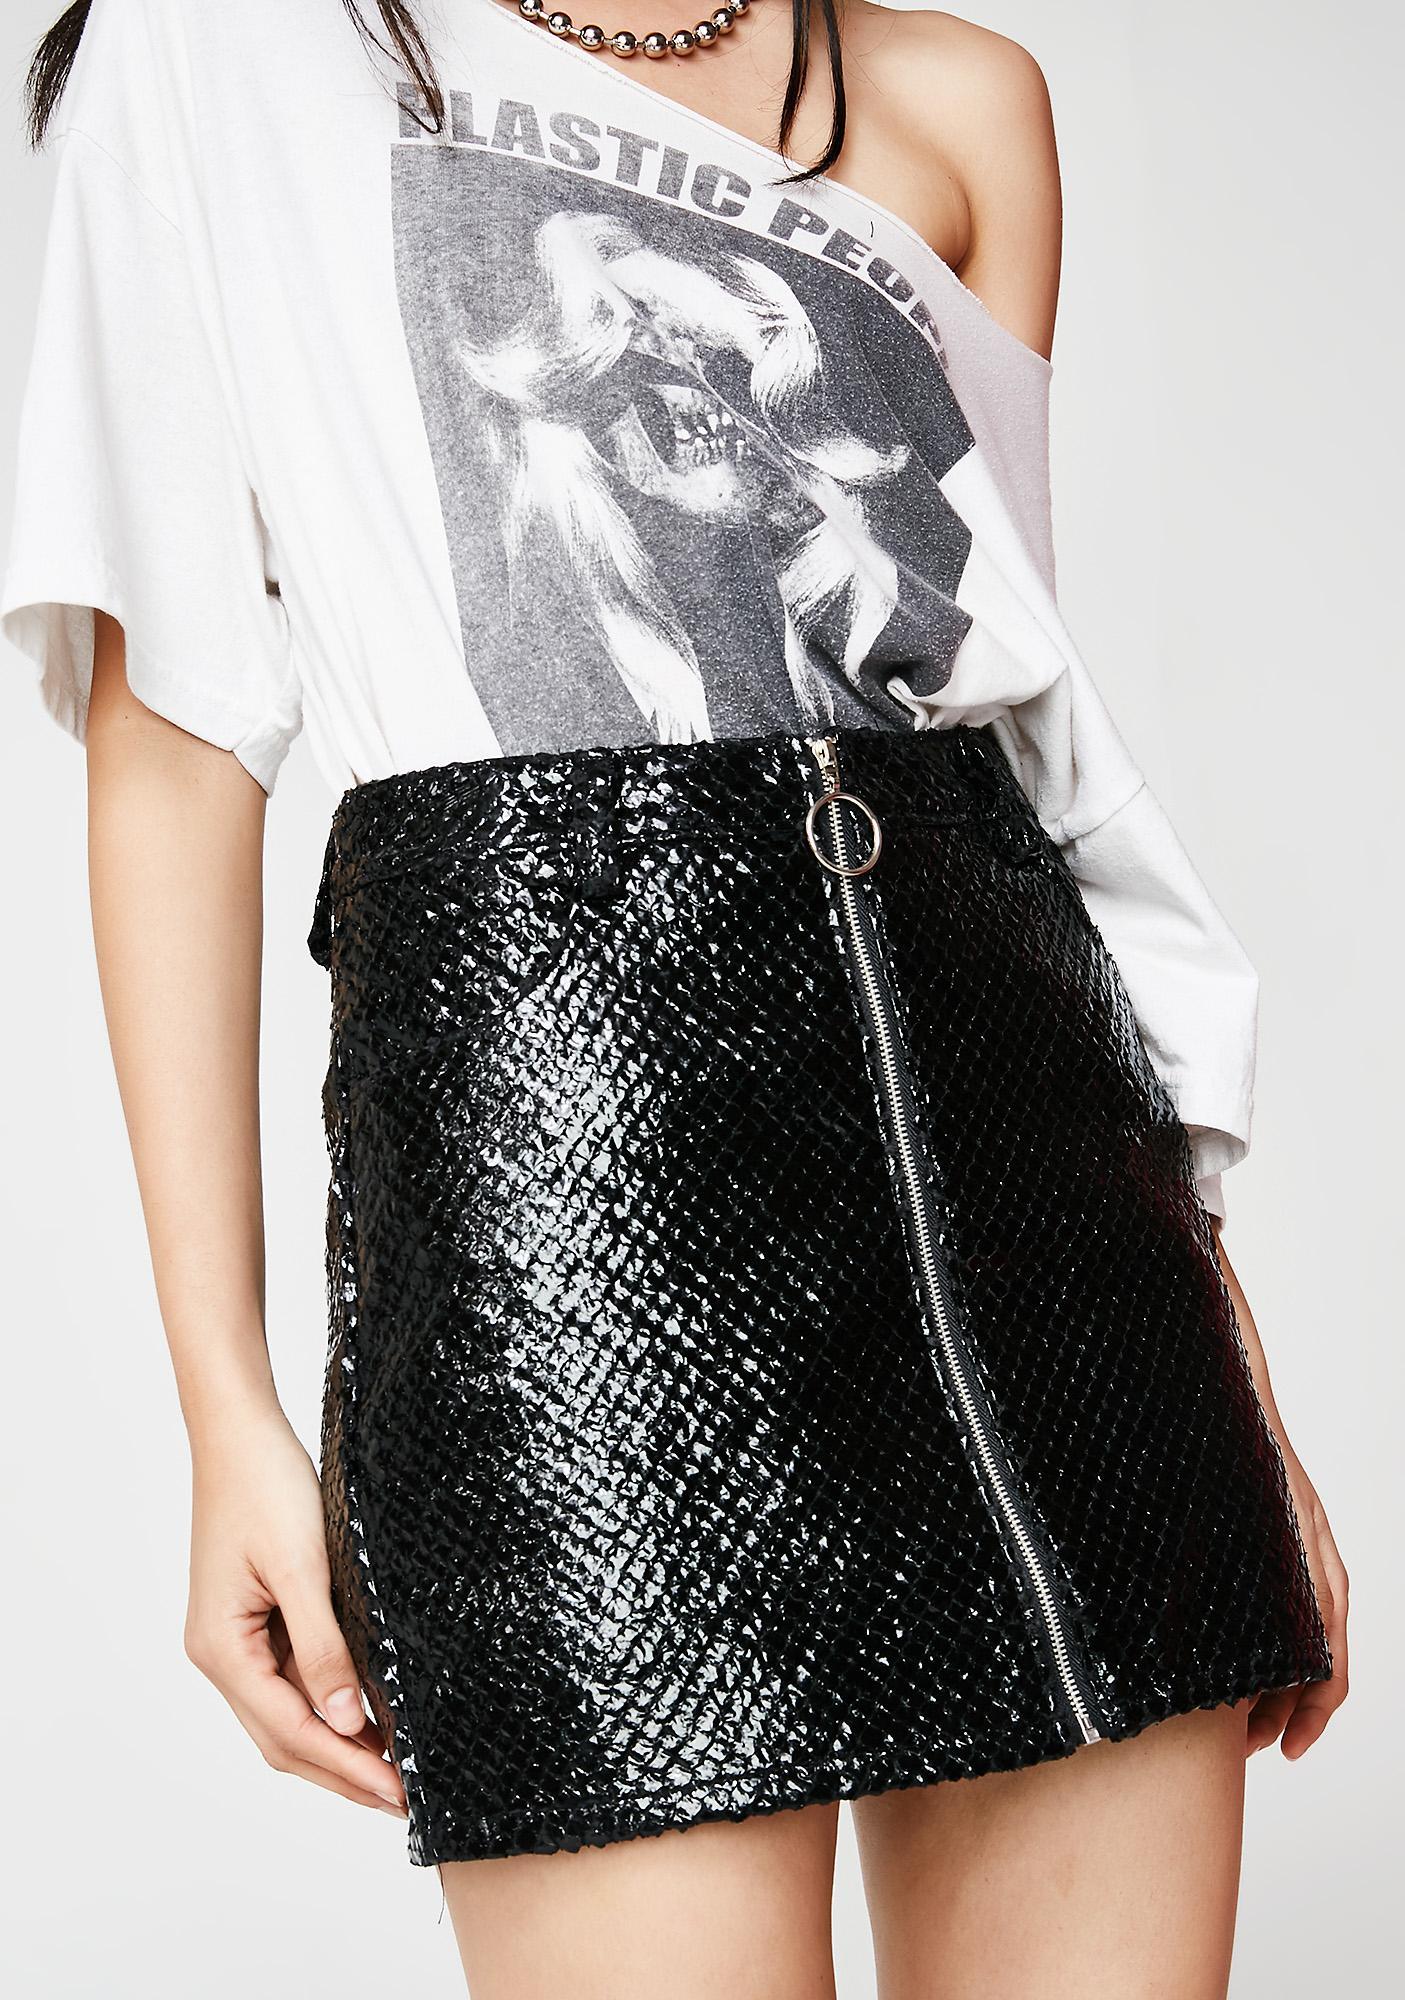 Onyx Dressed To Kill Mini Skirt